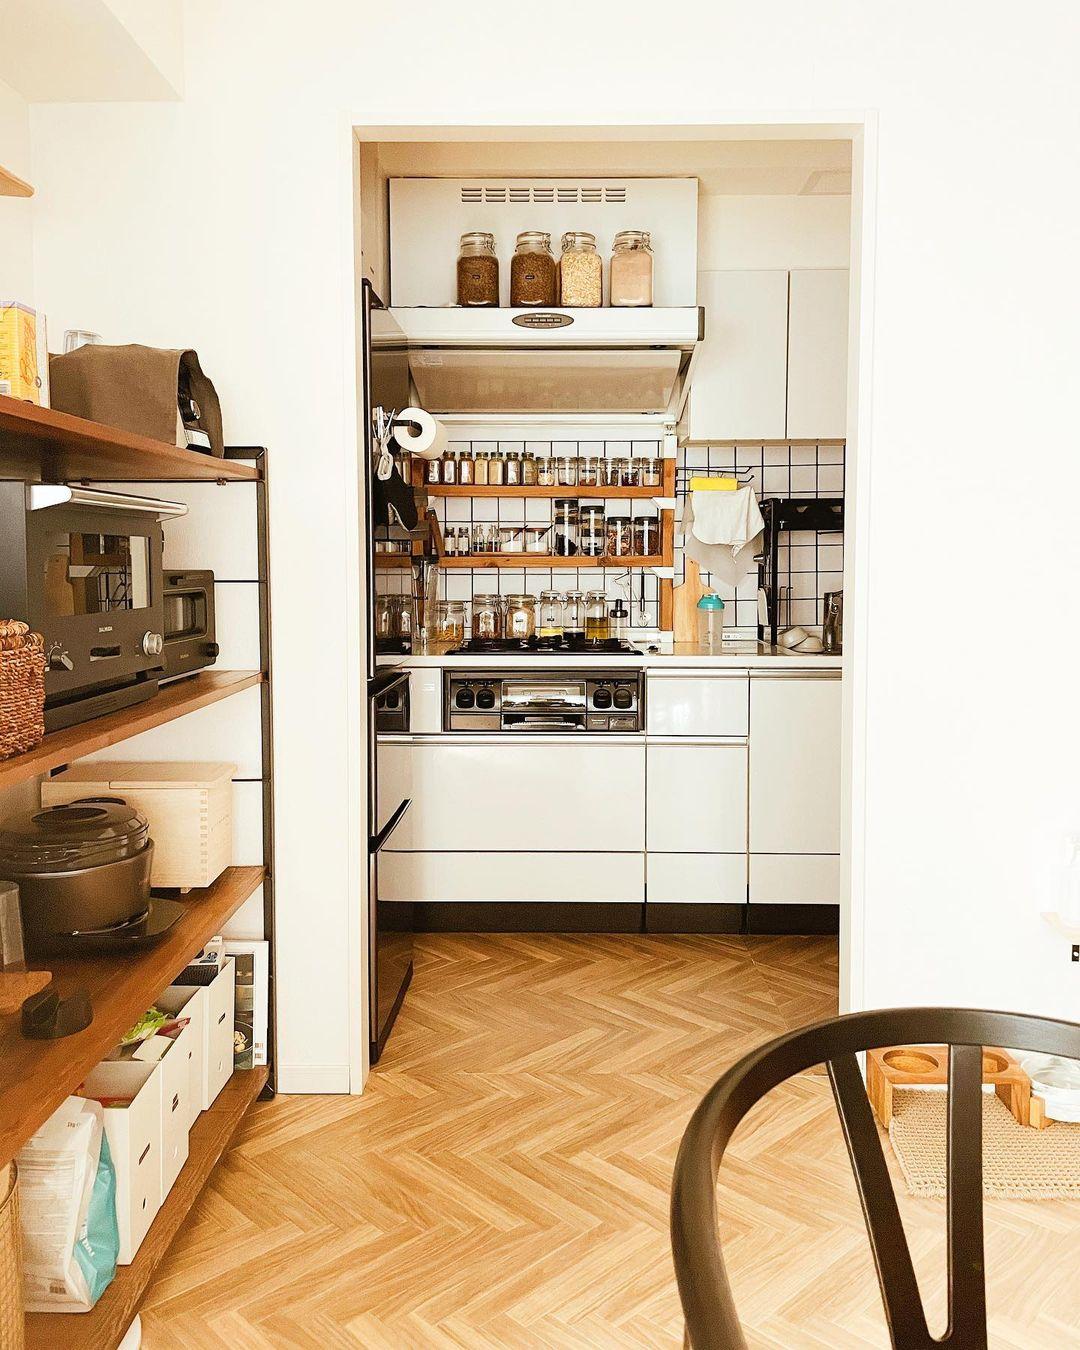 そして、海外インテリアに憧れて、真似してみたというキッチンにも、工夫がいっぱい。目に入っても楽しい空間になっています。